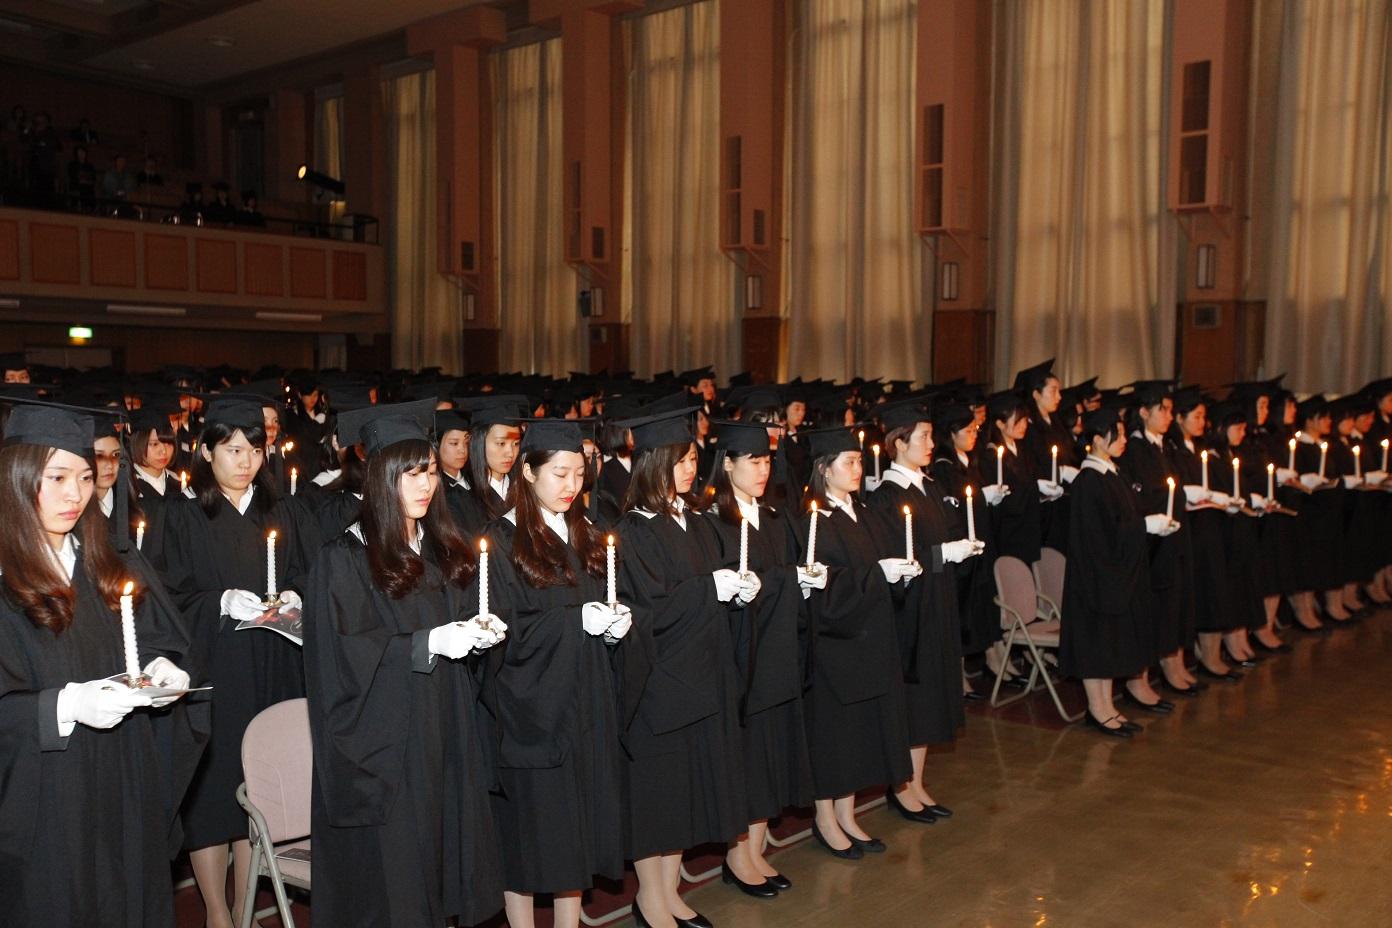 聖心女子大学が2016年度卒業式を3月11日(土)に挙行 -- 卒業週間の始まりとなる伝統行事、トーチライト・プロセッションは、3月9日(木)に実施